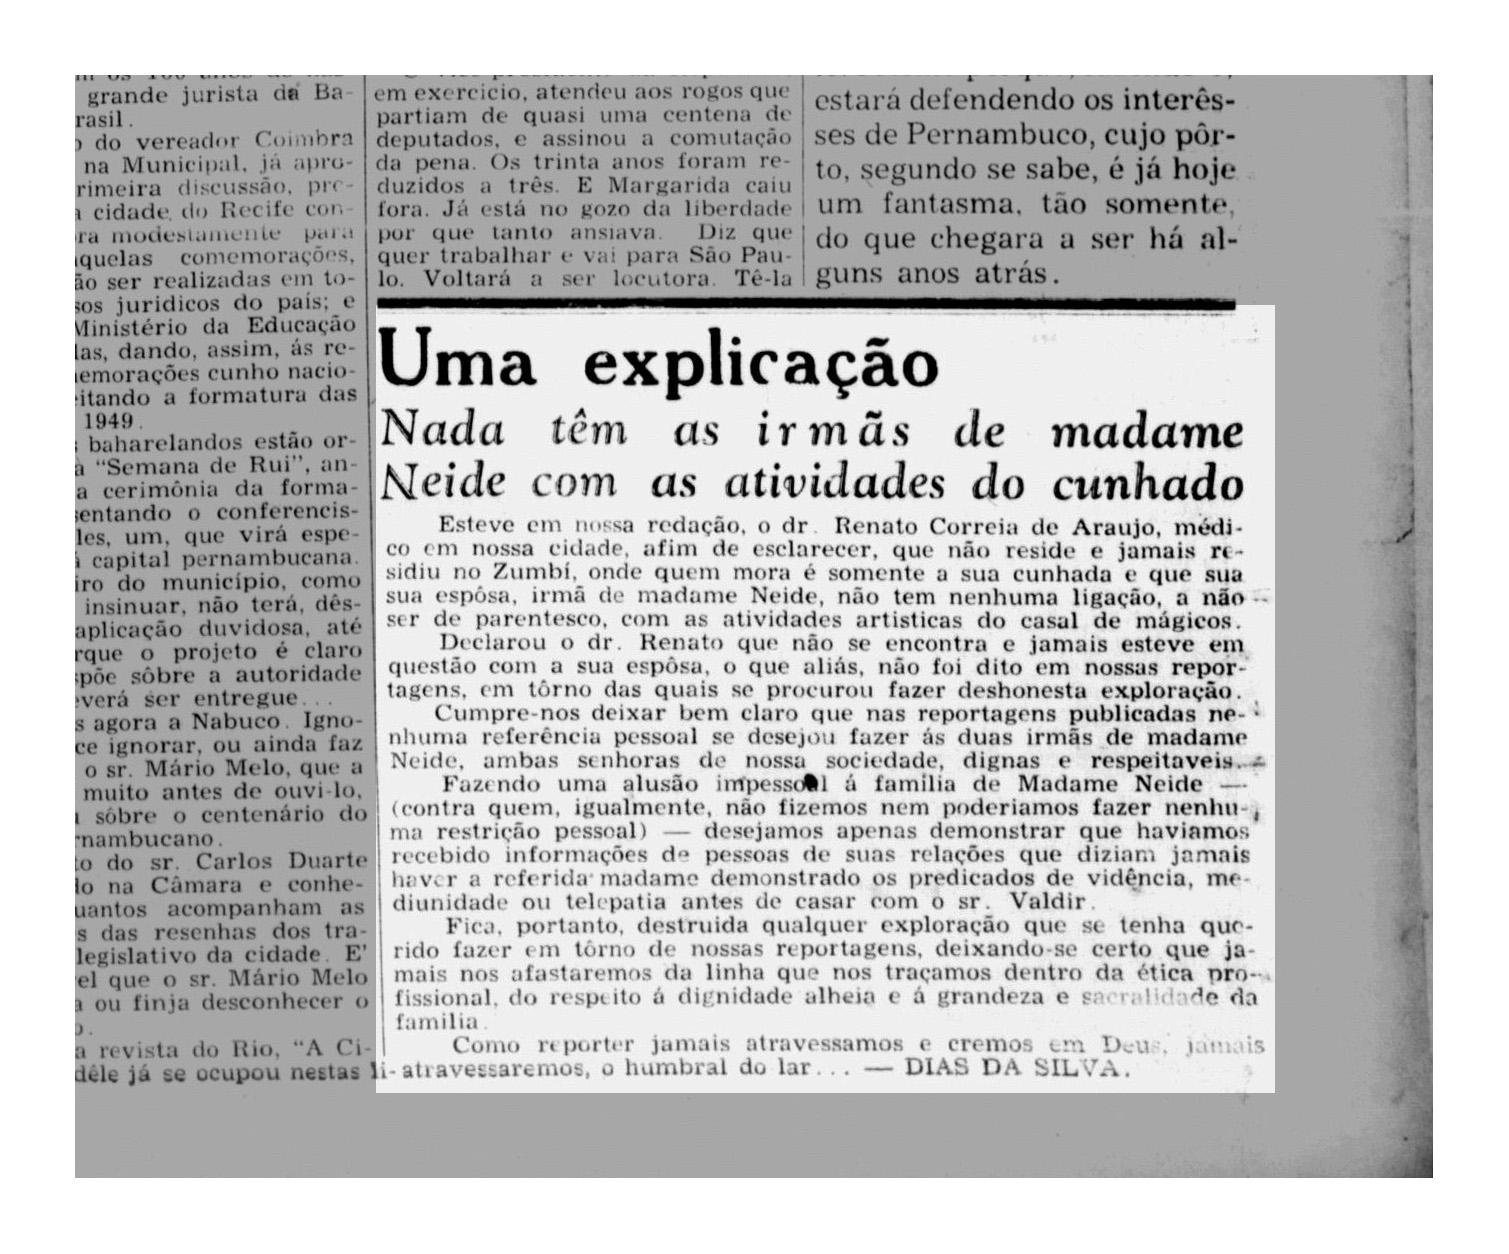 Neide-Alvares-1949-05-31_JornalPequeno_Recife-PE-2-copy1.jpg